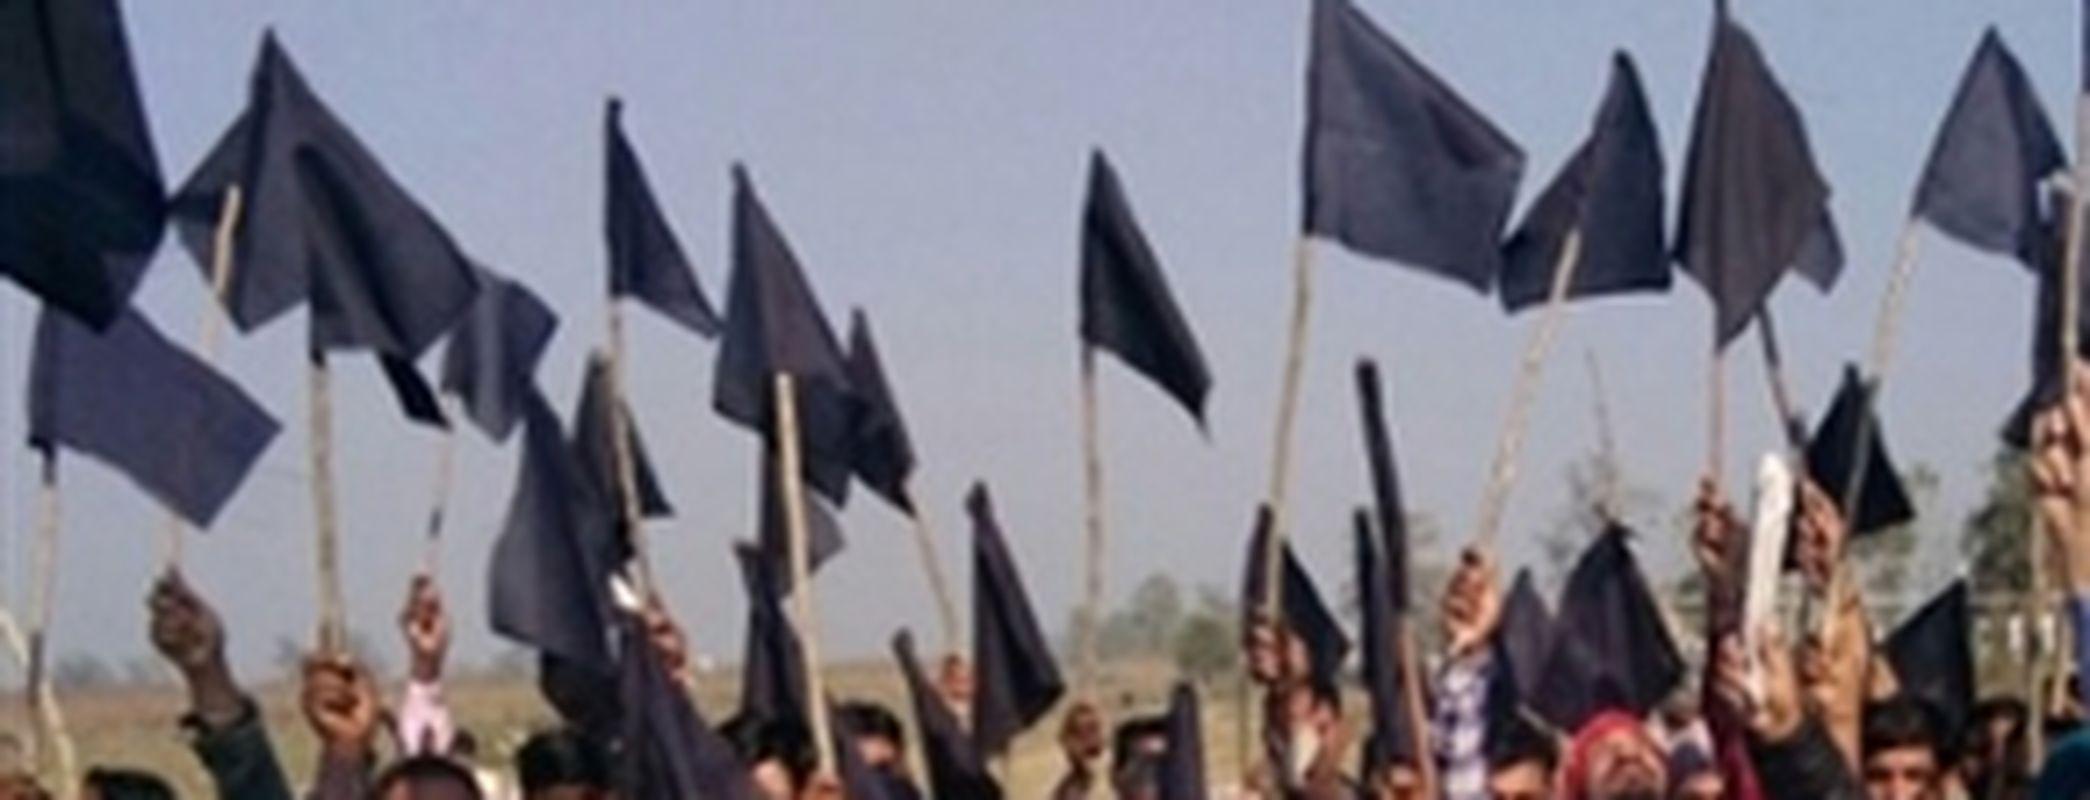 video : पांच गांवों के किसान इसलिए दिखाएंगे मुख्यमंत्री को काले झण्डे